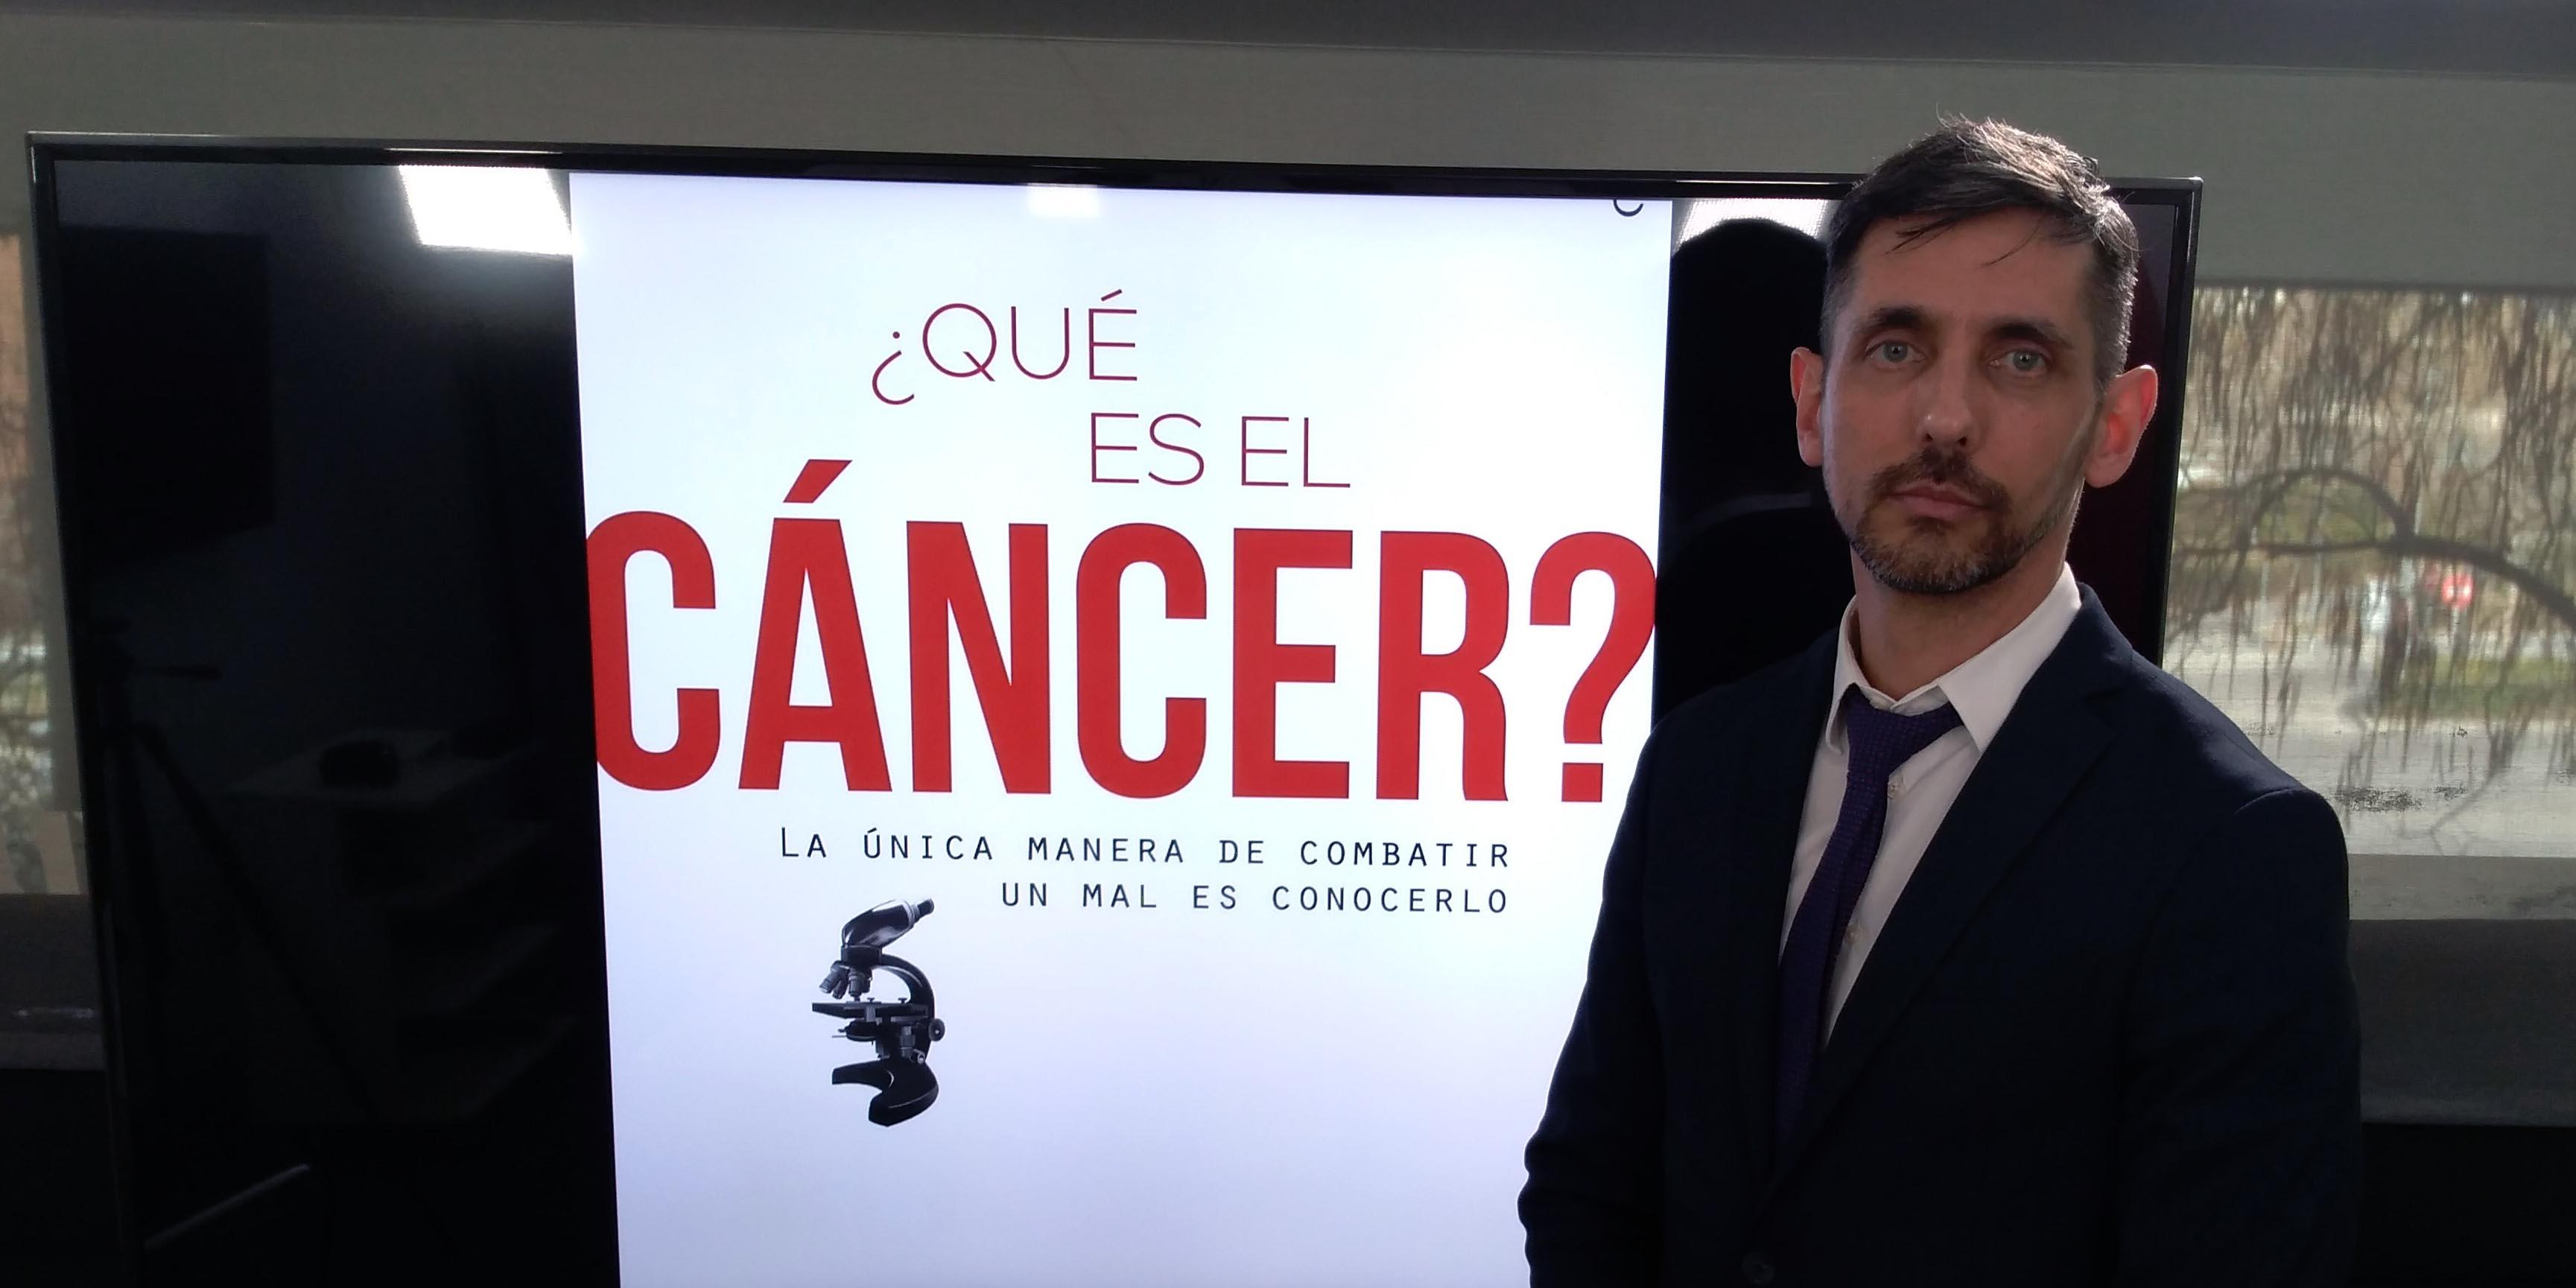 """Eduardo López-Collazo: """"No es disparatado que la cura al cáncer tenga el sello Made in Spain"""""""